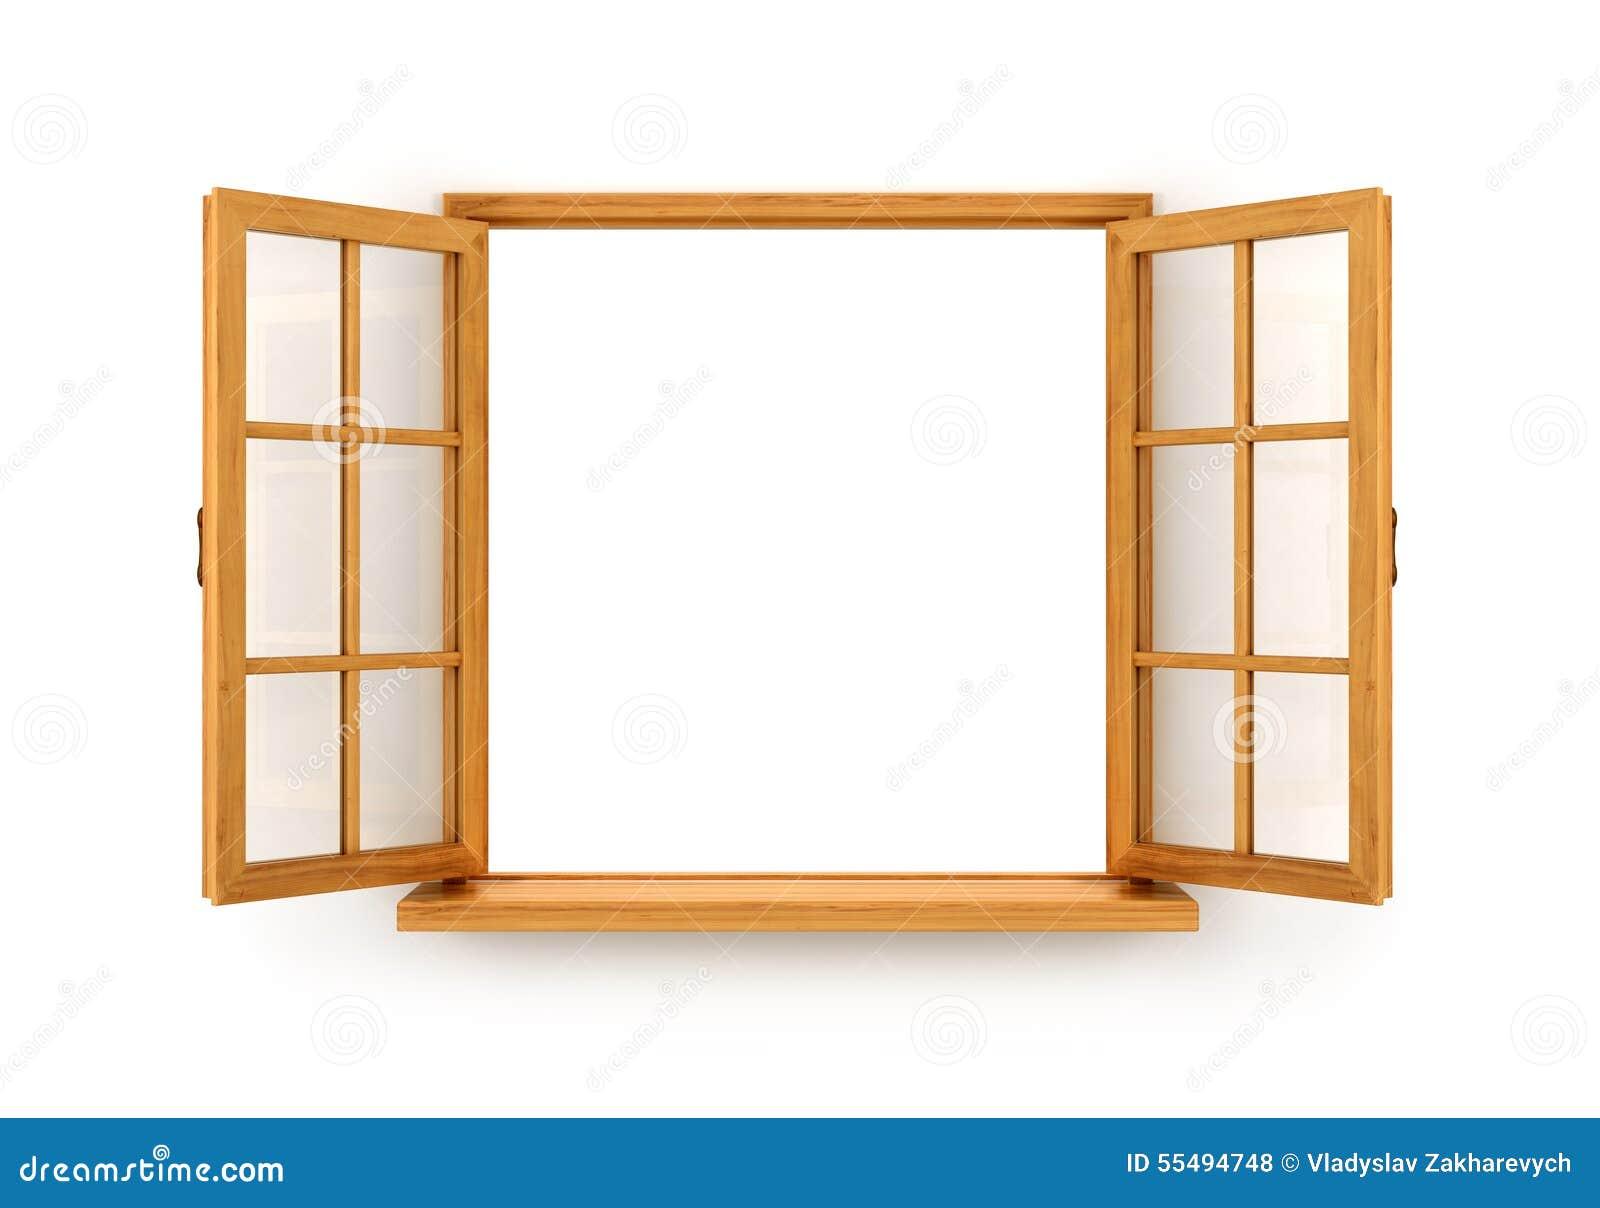 Open Wooden Window Stock Illustration - Image: 55494748